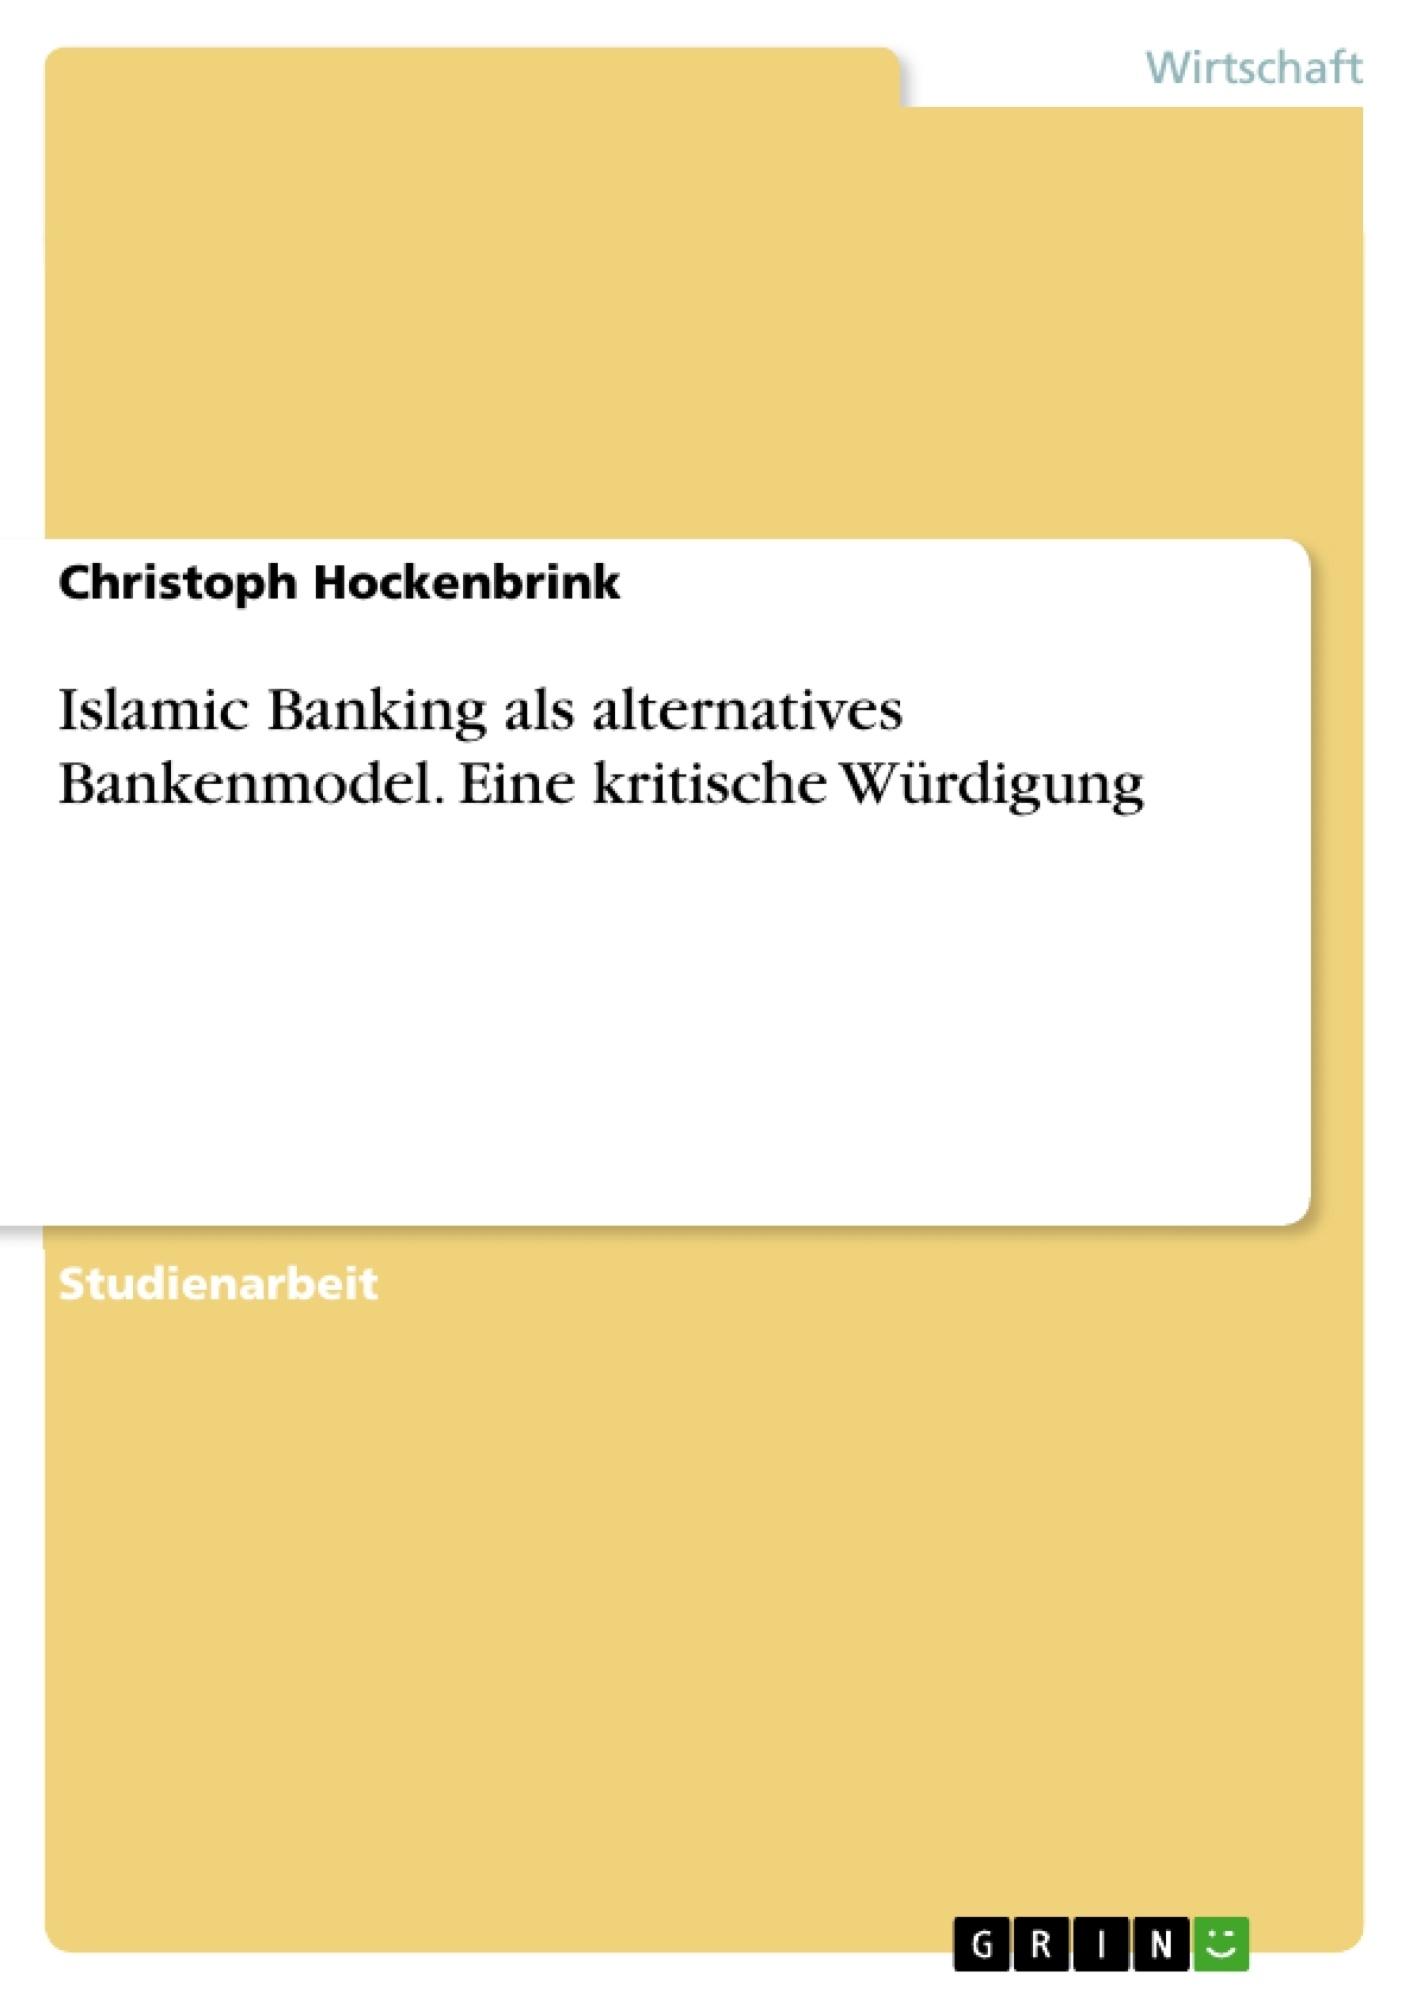 Titel: Islamic Banking als alternatives Bankenmodel. Eine kritische Würdigung